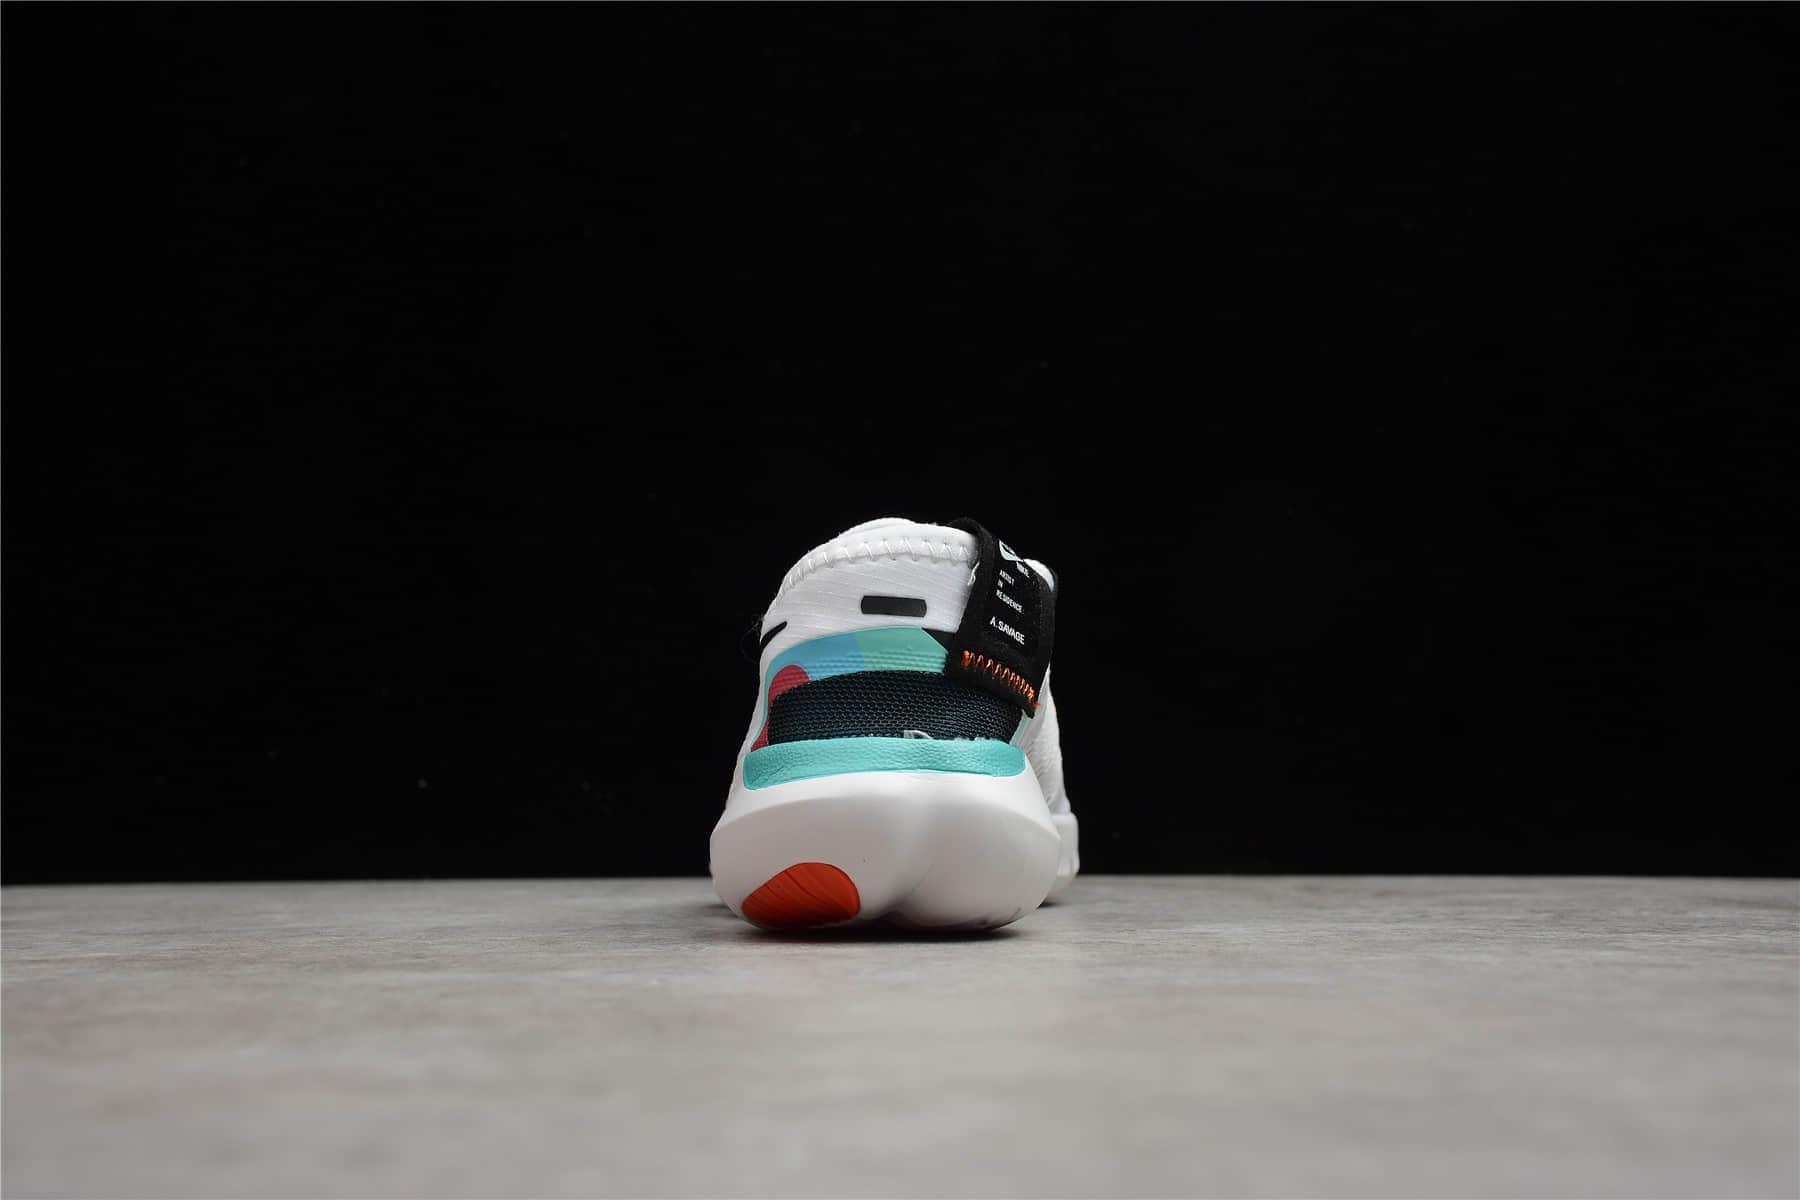 耐克童鞋耐克赤足5.0童鞋 NIKE FREE RN 5.0 AS 耐克缓震童鞋 耐克透气童鞋 货号:CV9305-100-潮流者之家